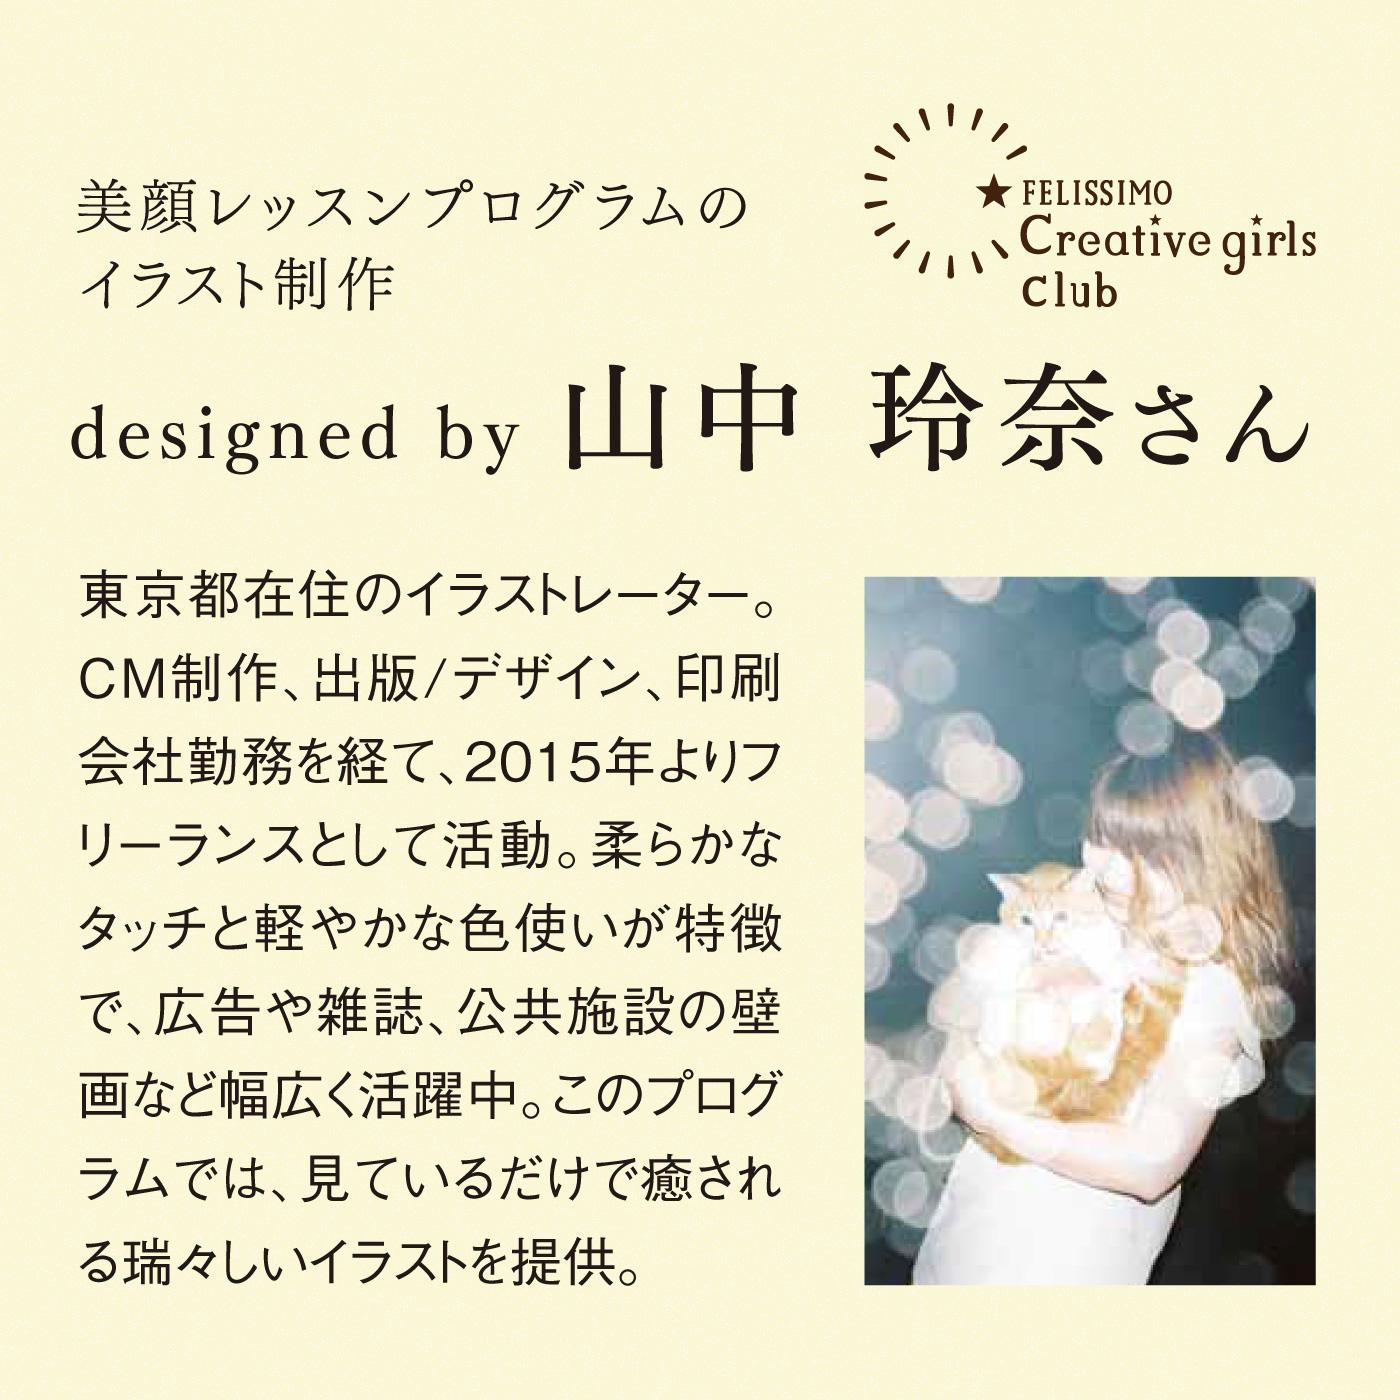 イラストレーター 山中玲奈さんによるかわいいイラスト入りのテキスト。